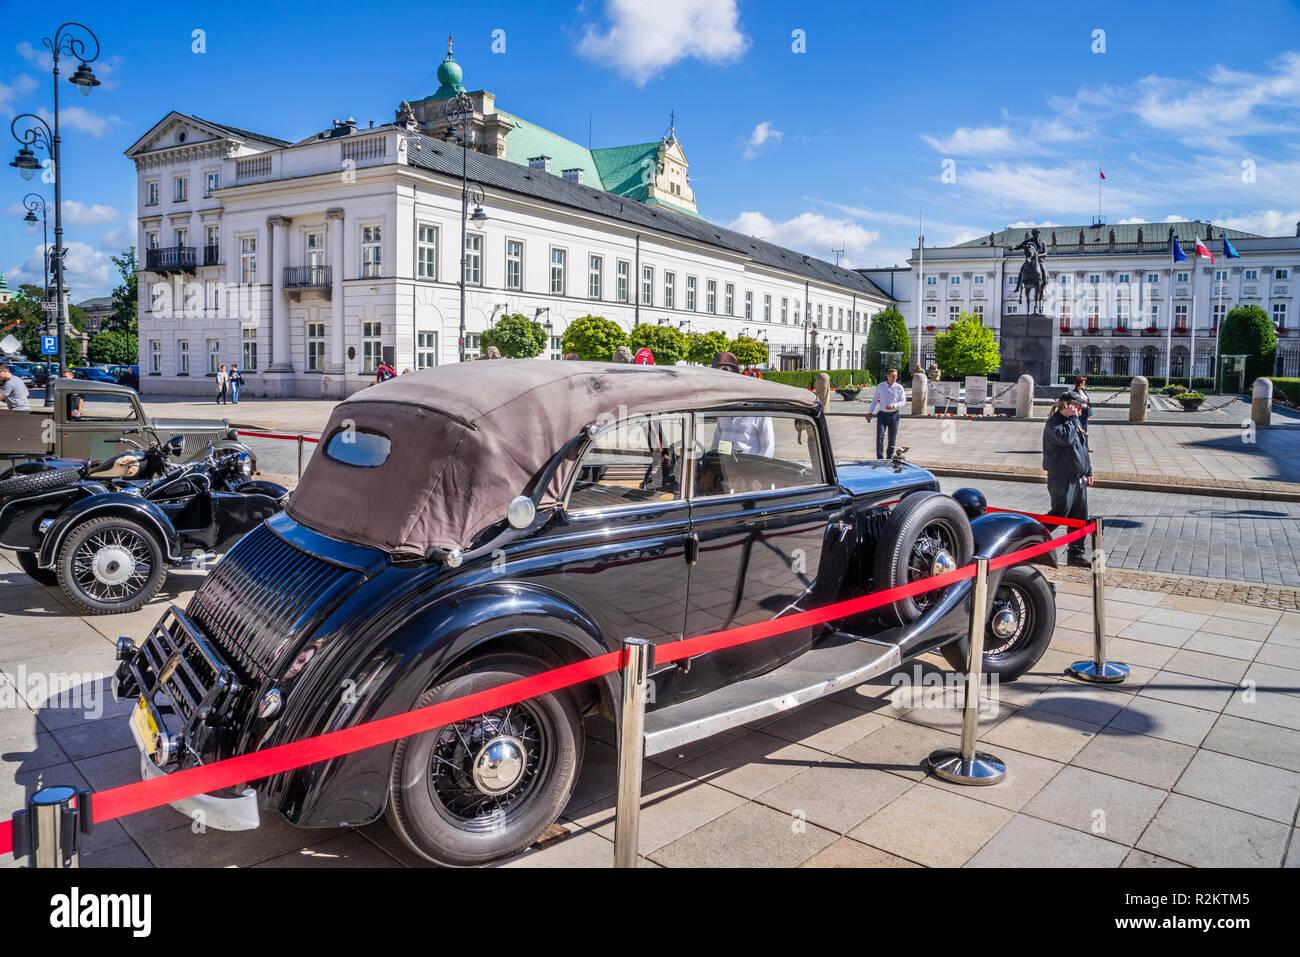 Rues de Varsovie 44 Exposition historique d'attirail période pendant l'Insurrection de Varsovie, les véhicules historiques au Palais Potocki en face la P Photo Stock